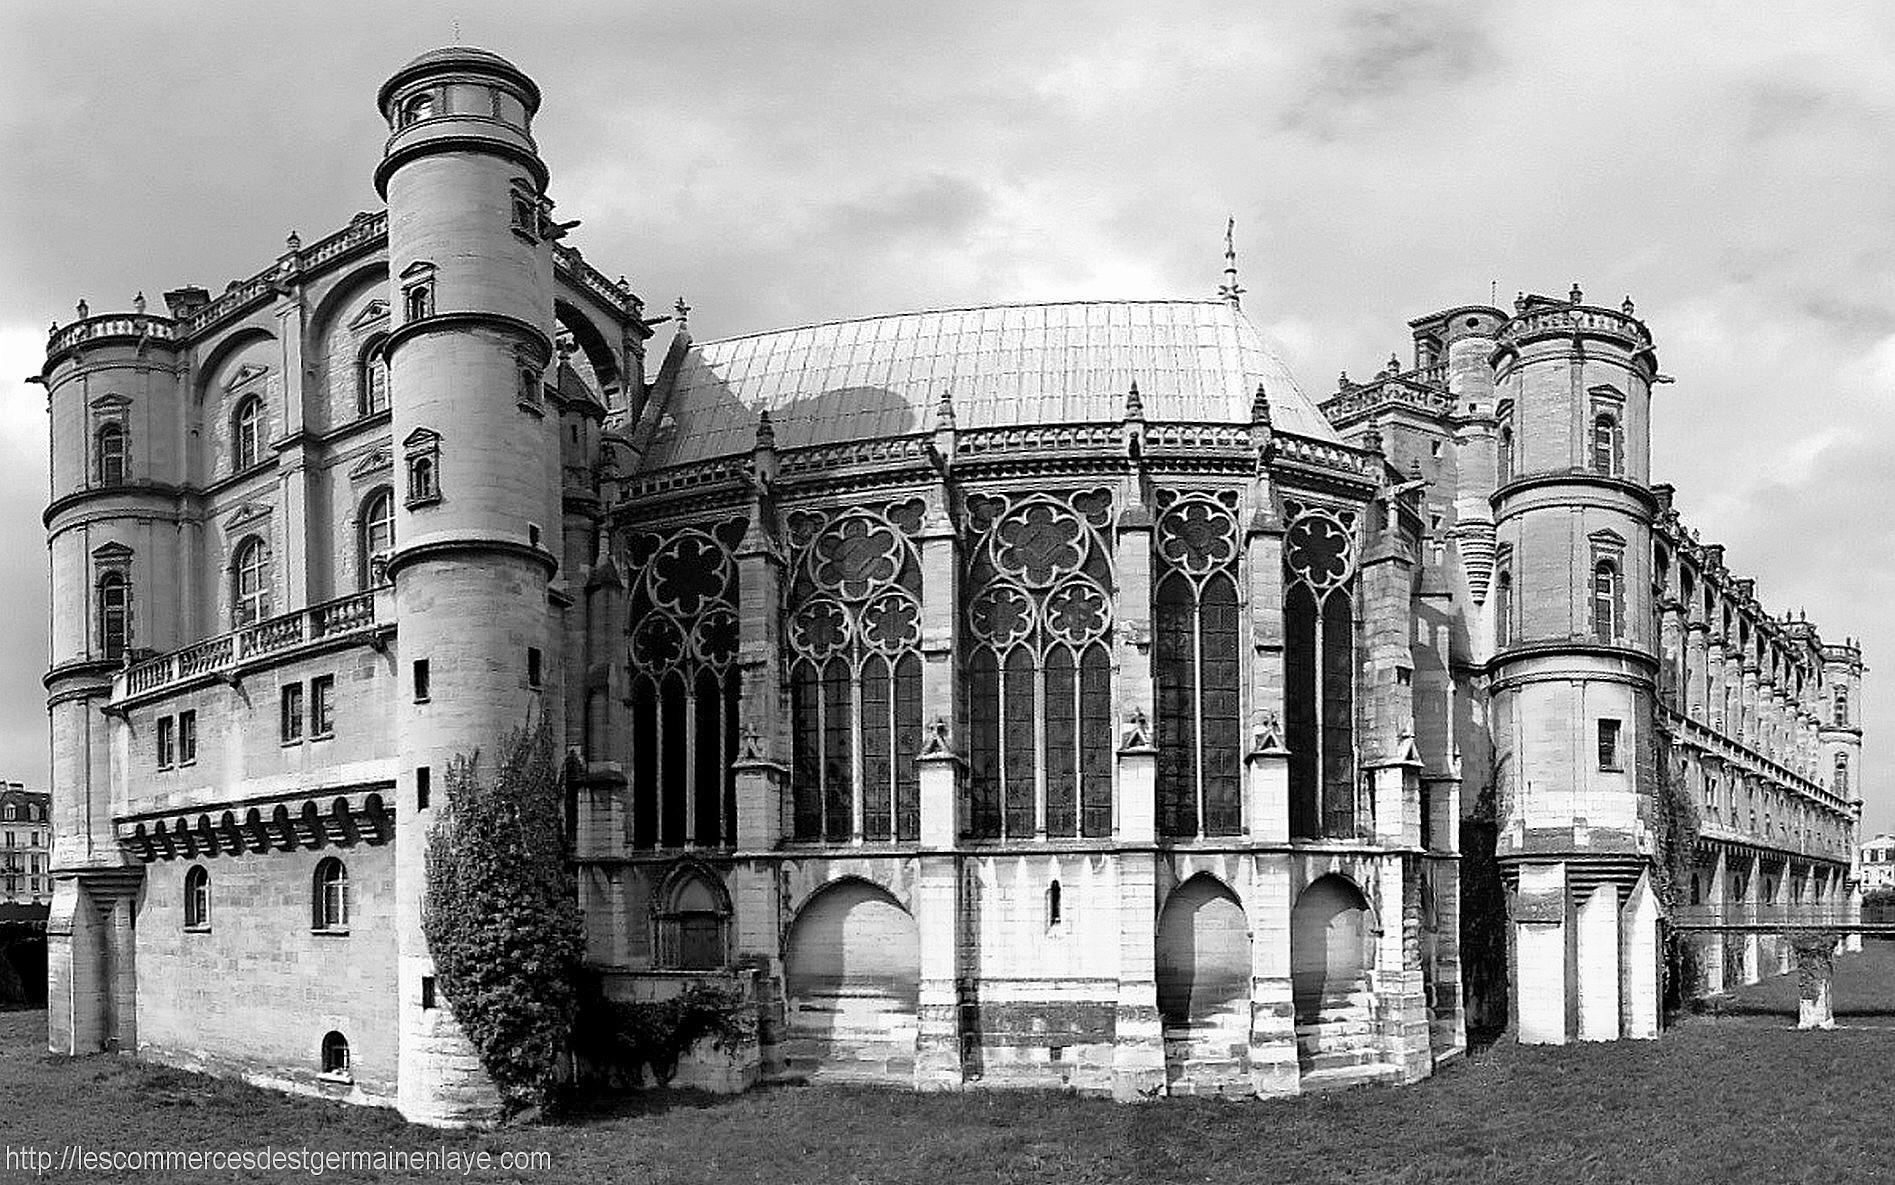 La chapelle saint louis le ch teau vieux de saint germain en laye les comme - Cfppah saint germain en laye ...